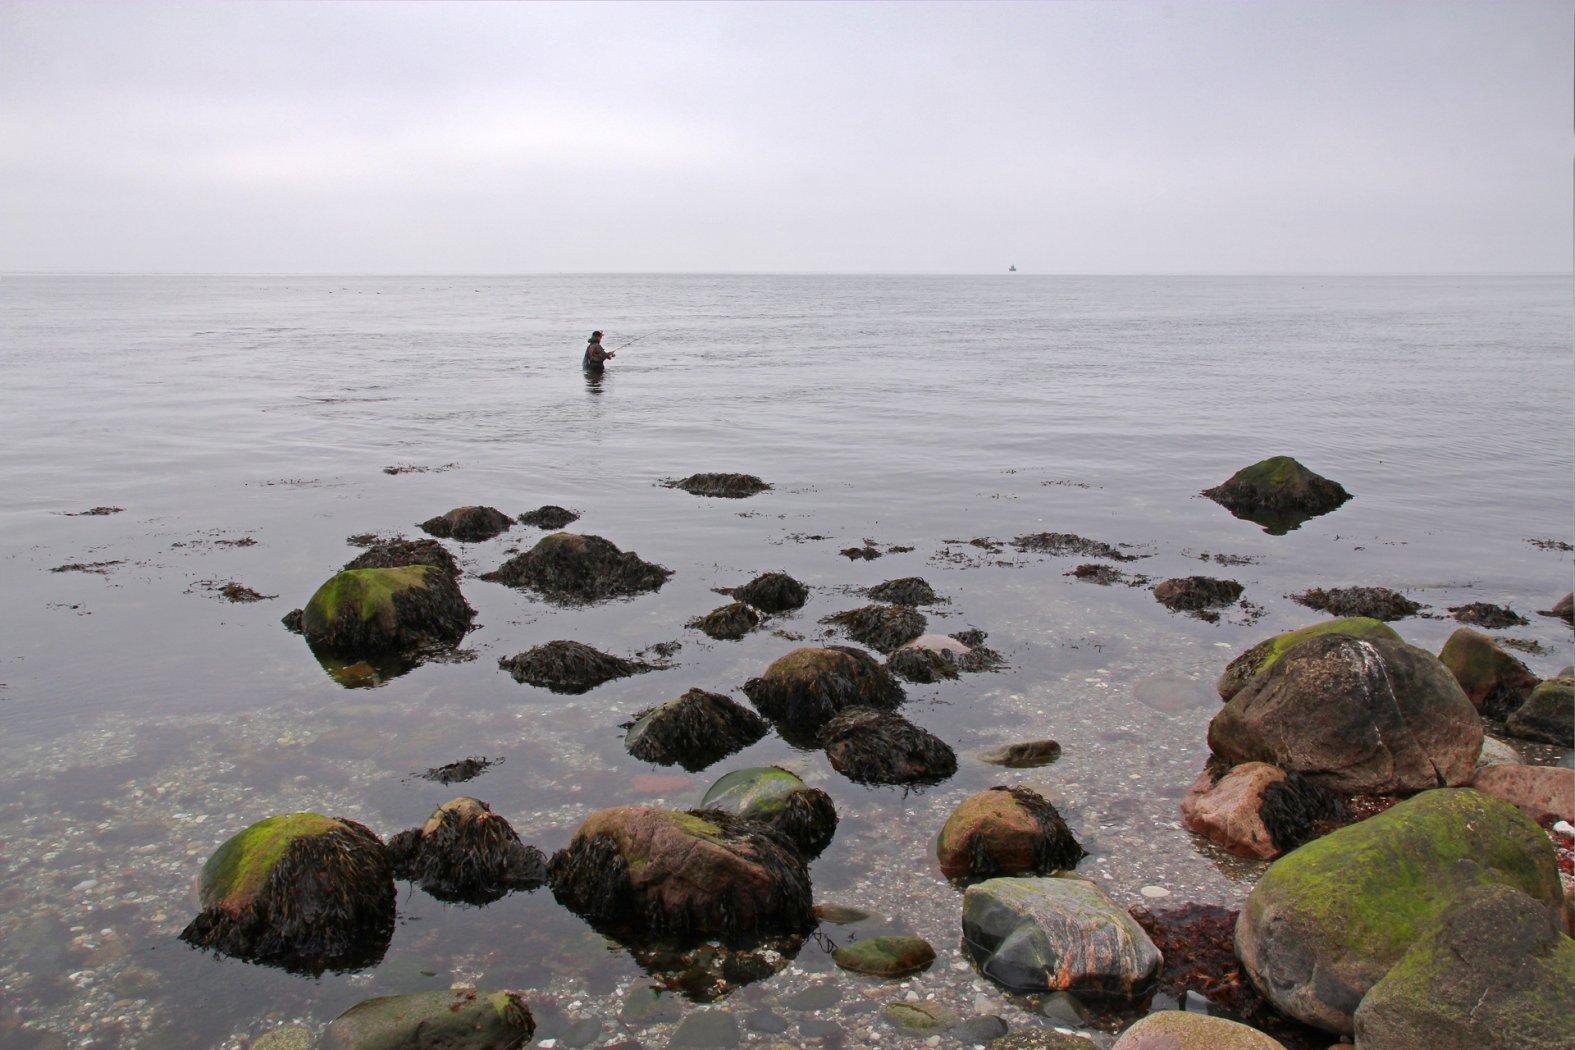 Guter Platz für große Meerforellen